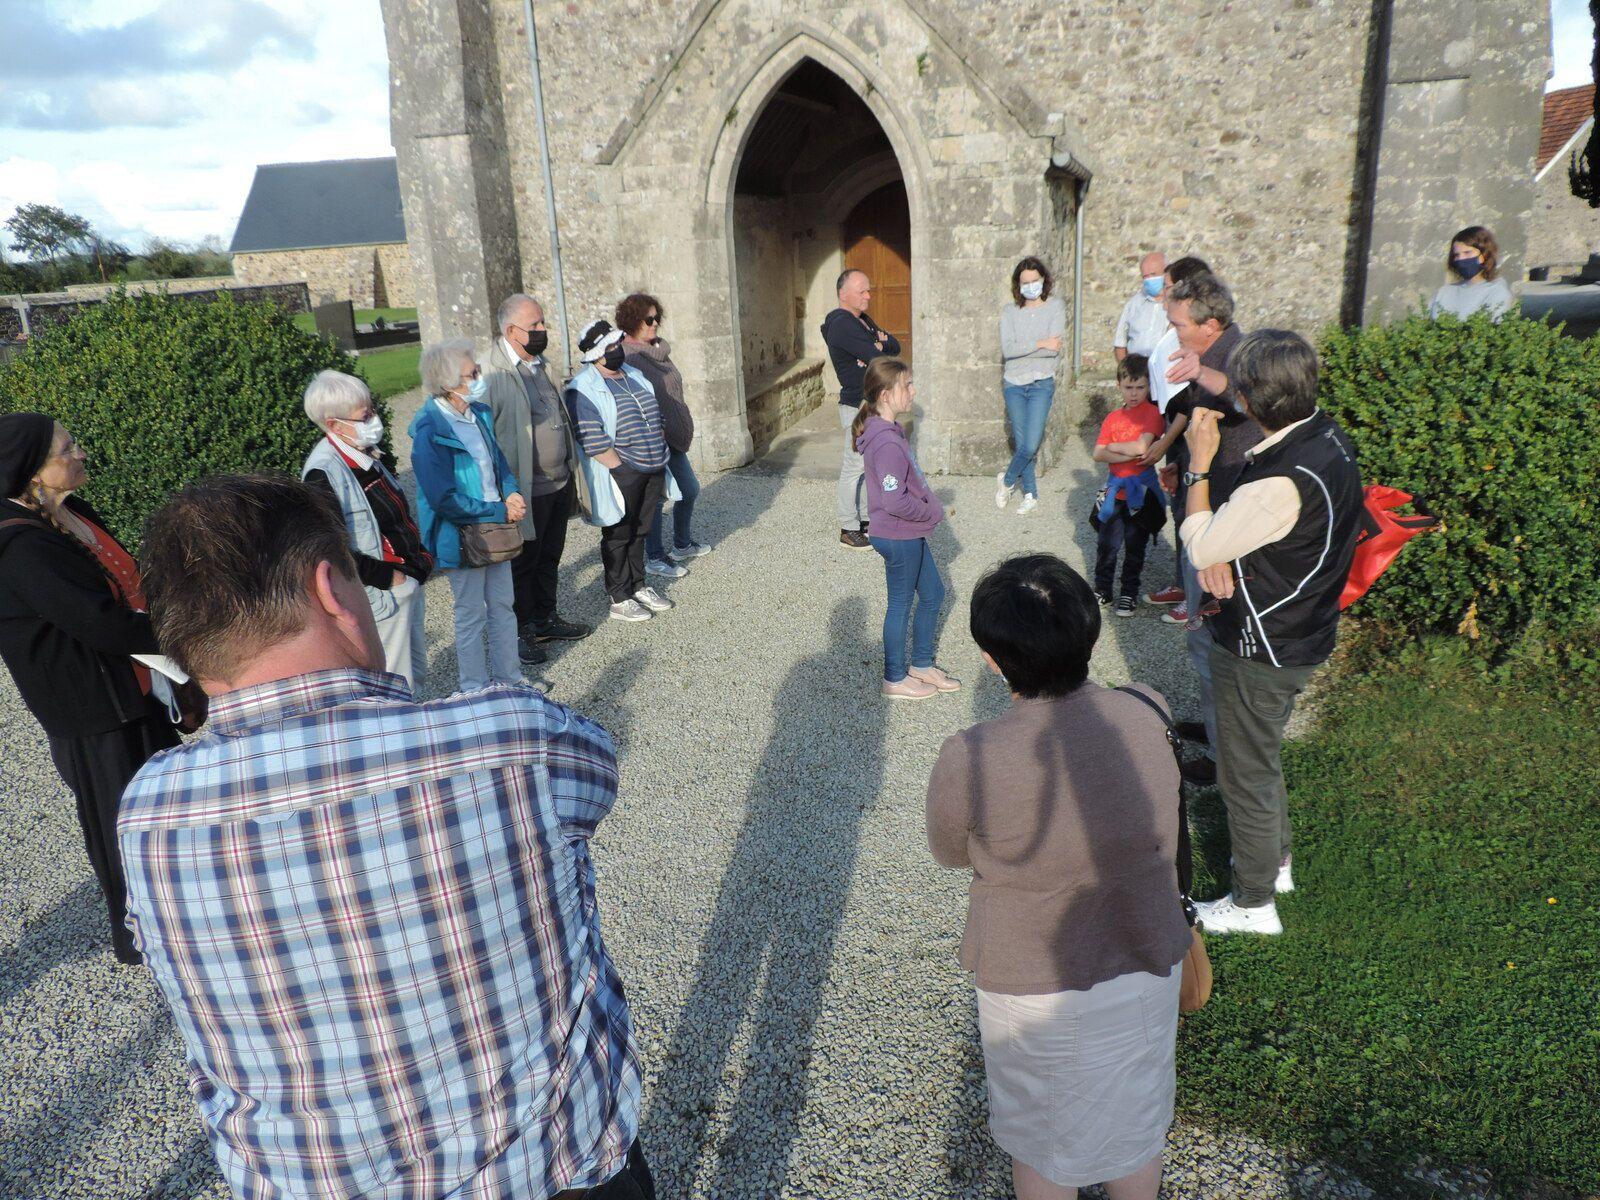 Julien Deshayes (à droite, avec une liasse à la main) évoque le glorieux passé de Néhou (Photo : D. Olivier-Lamesle)